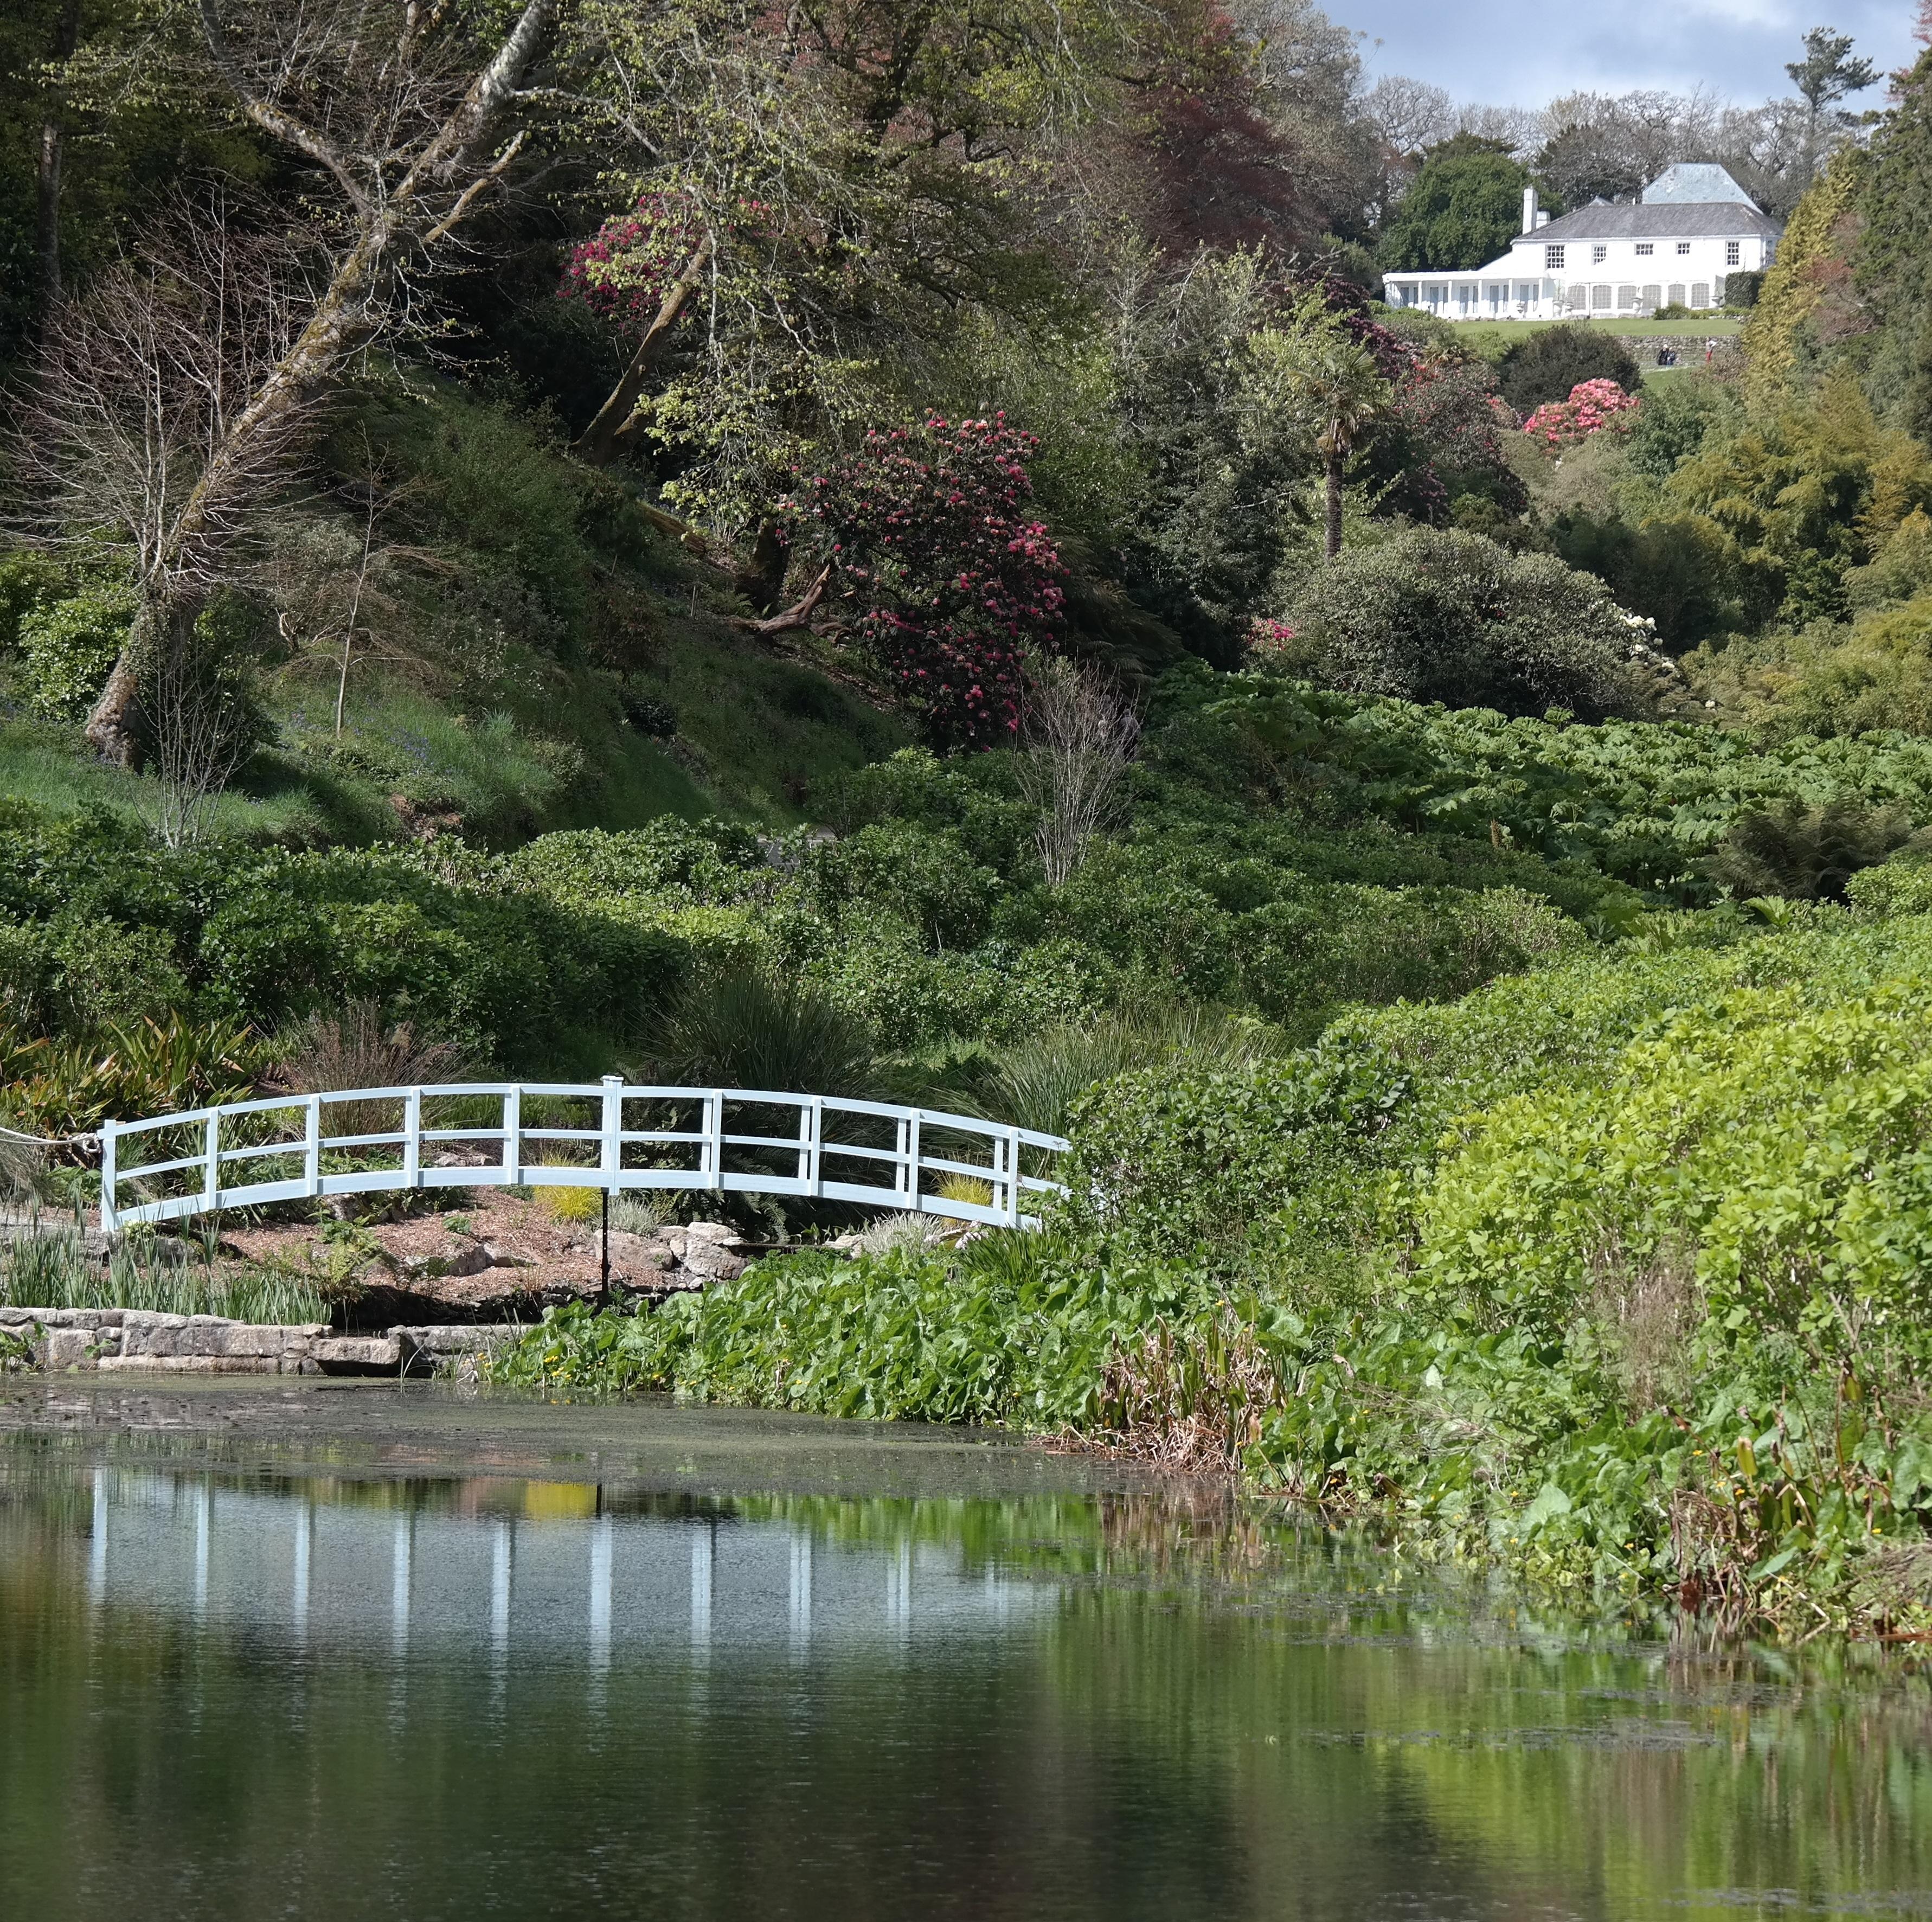 Gärten In Cornwall cornwall küsten klippen und gärten kurs 18s 205